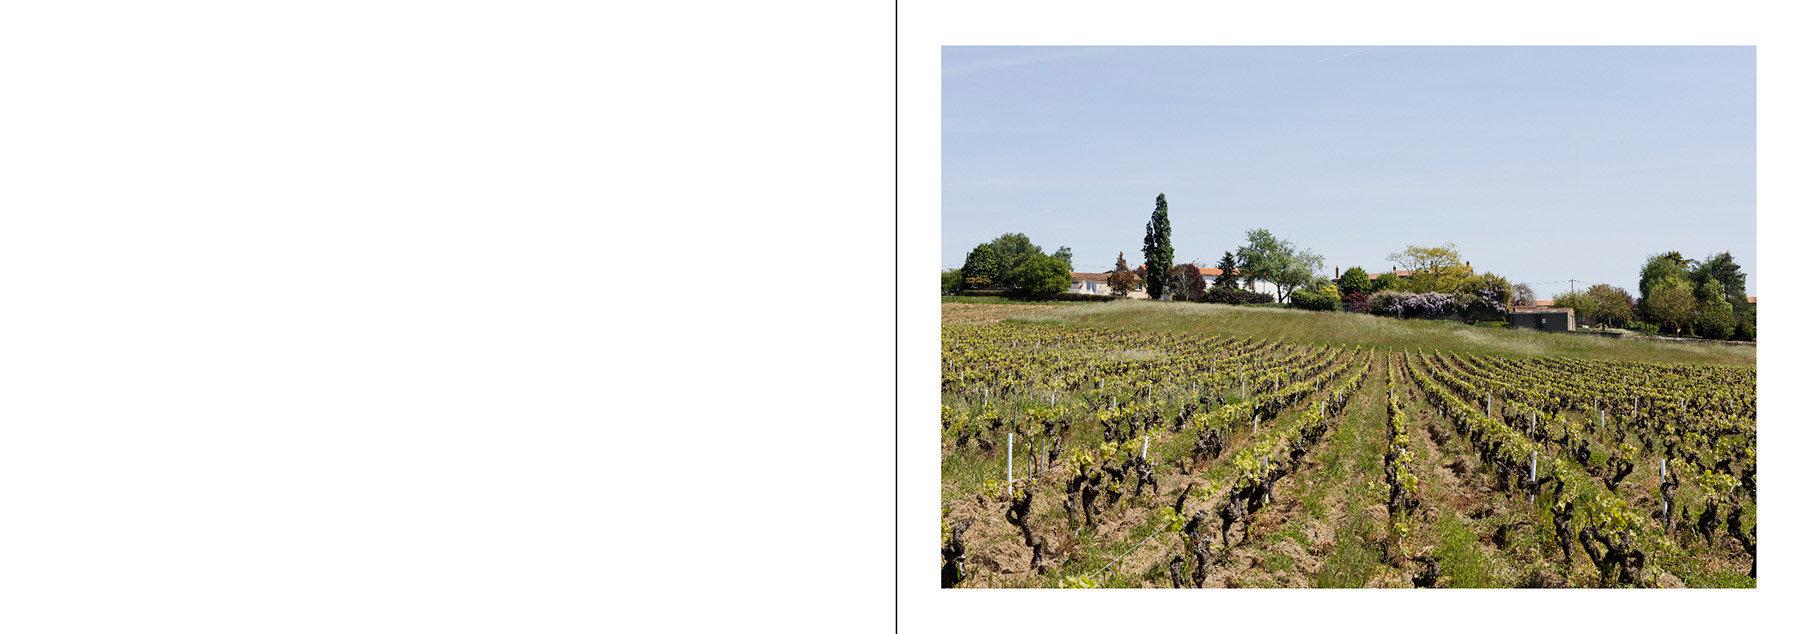 Le Loraux-Bottereau_Mauves-sur-Loire-page008 copie.jpg